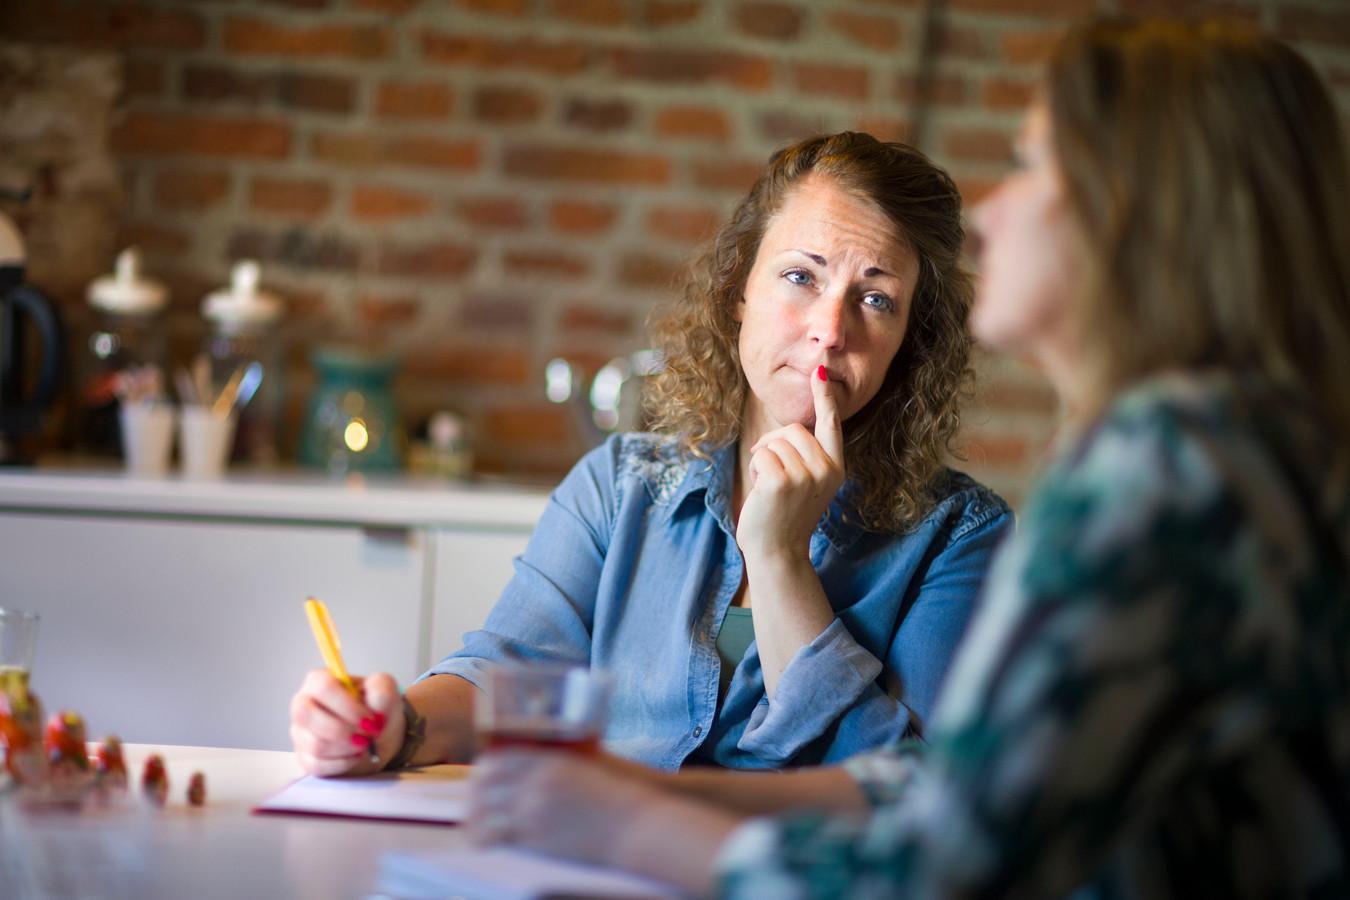 Kindertolk Claudia Hass luistert nauwgezet. Wat vindt deze moeder zo moeilijk of lastig aan het gedrag van haar kind? En wat zegt dat?